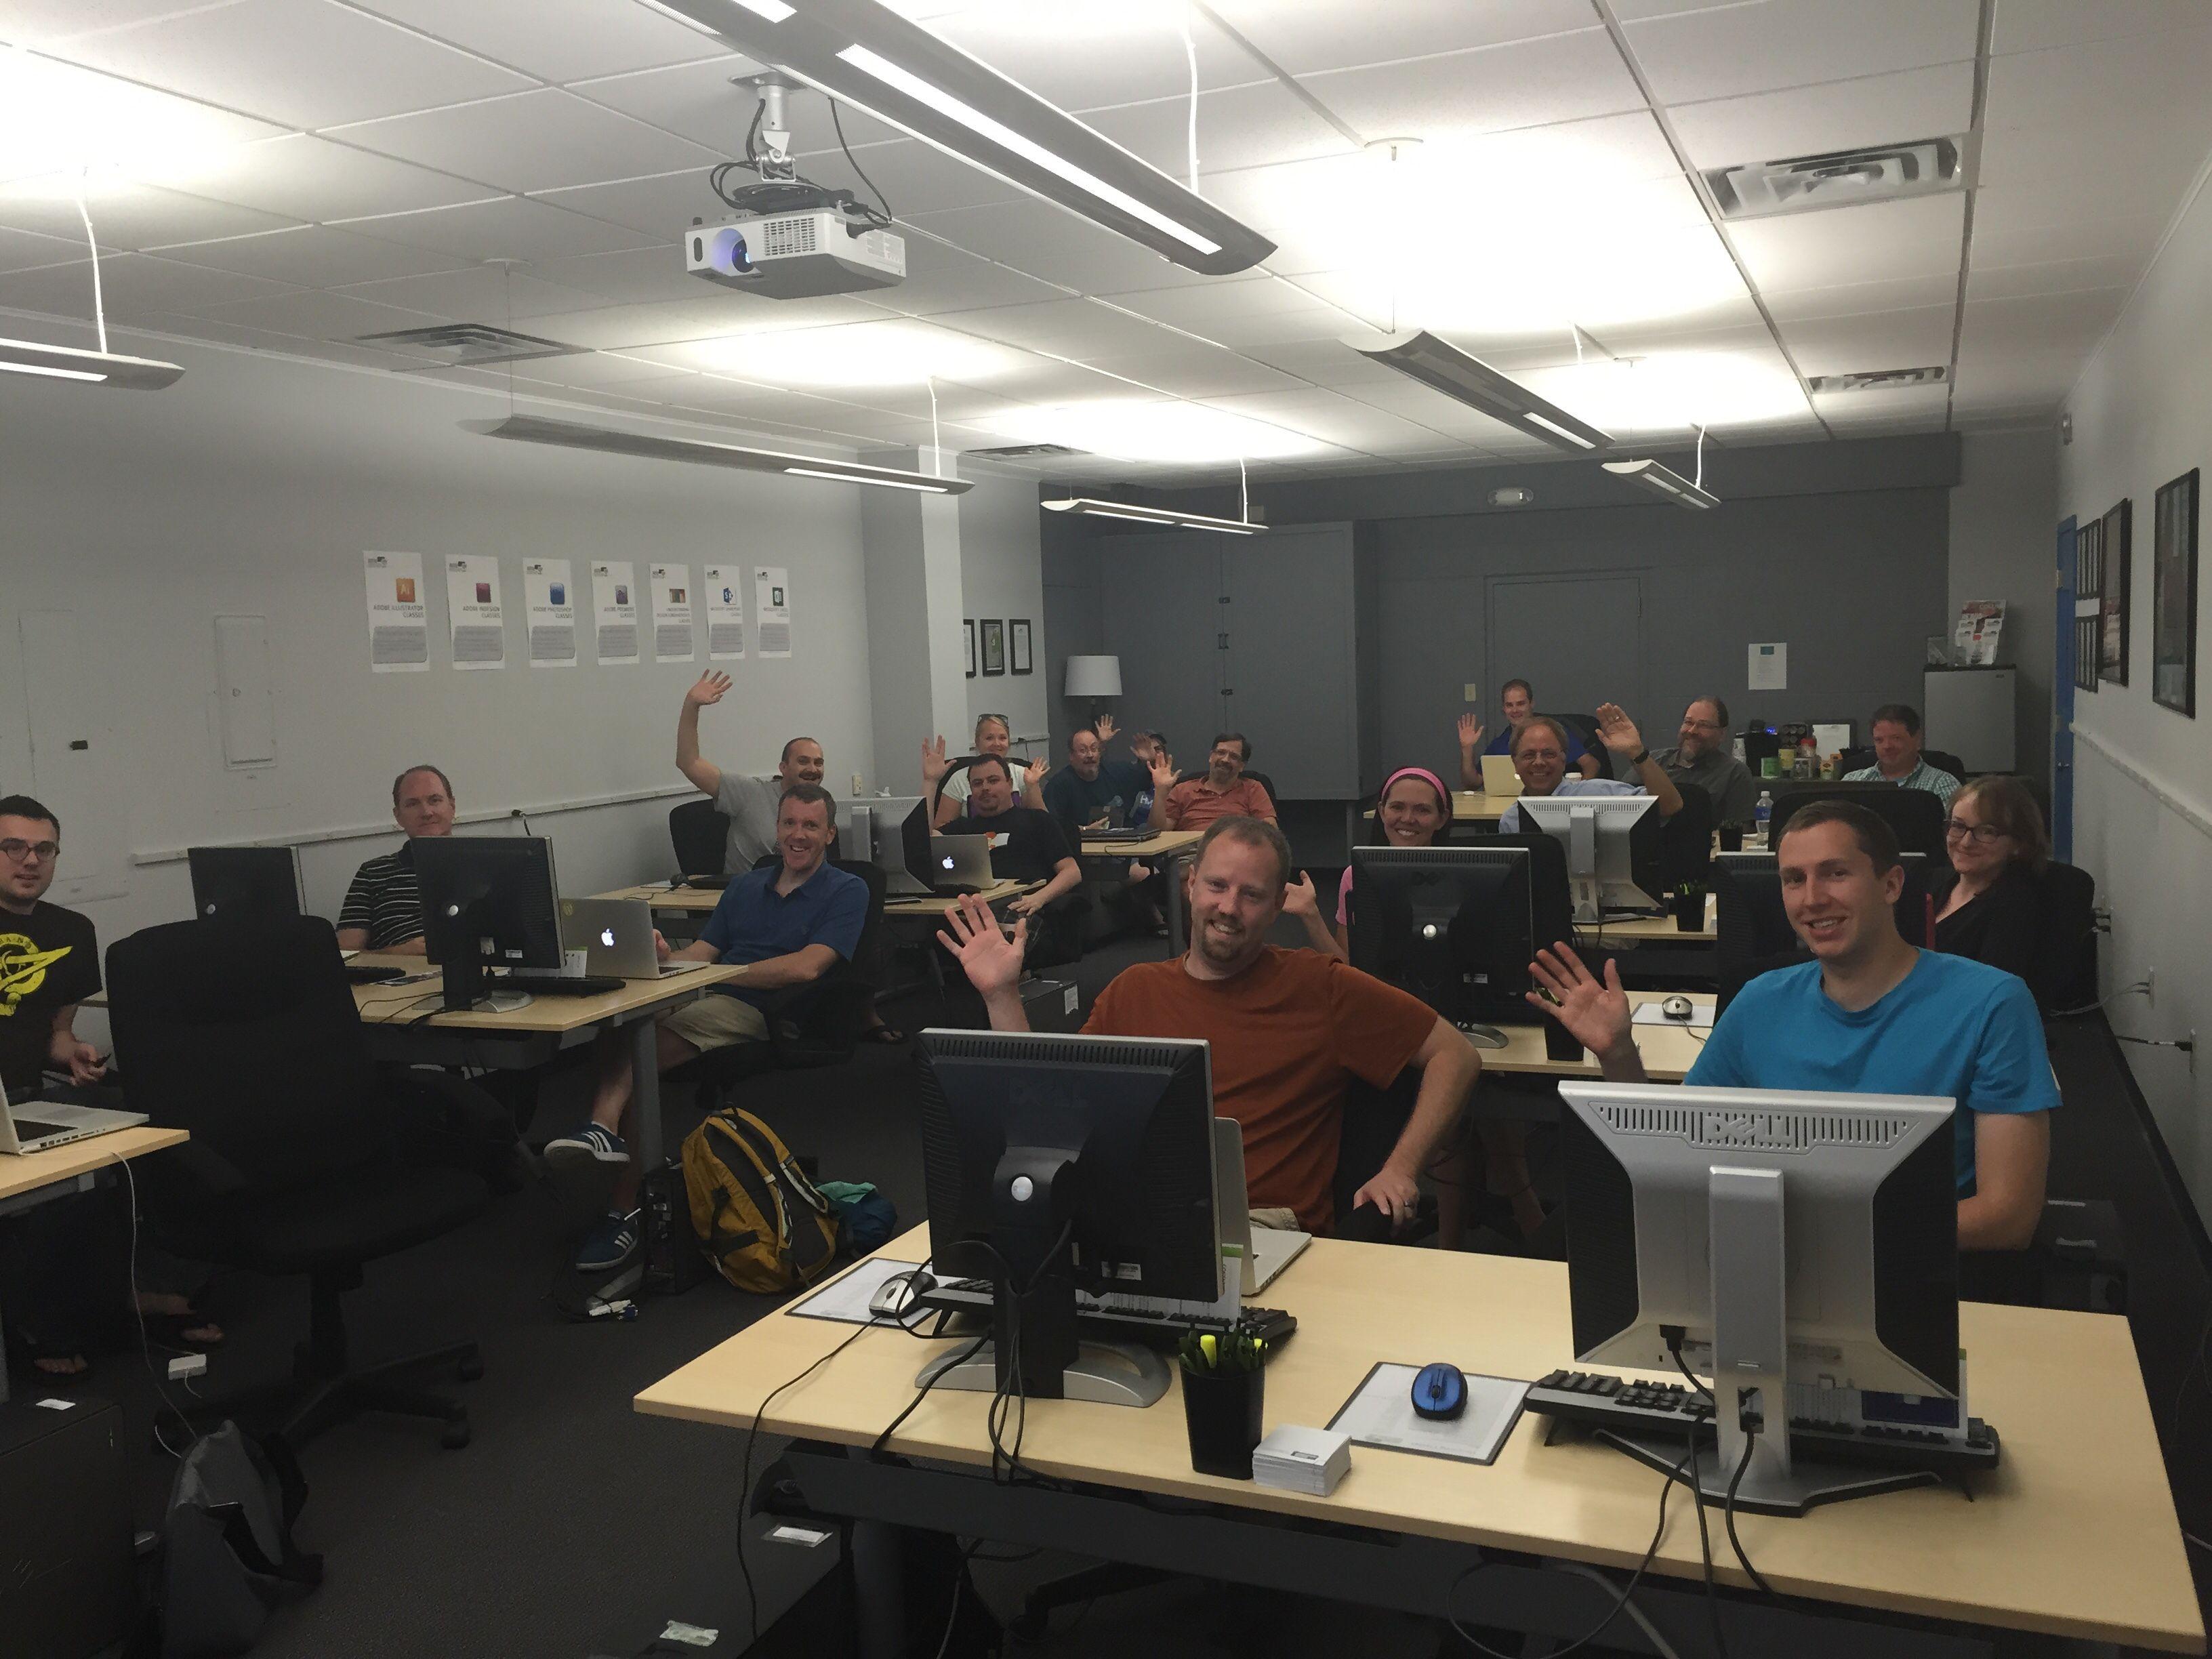 Fort Collins WordPress Meetup